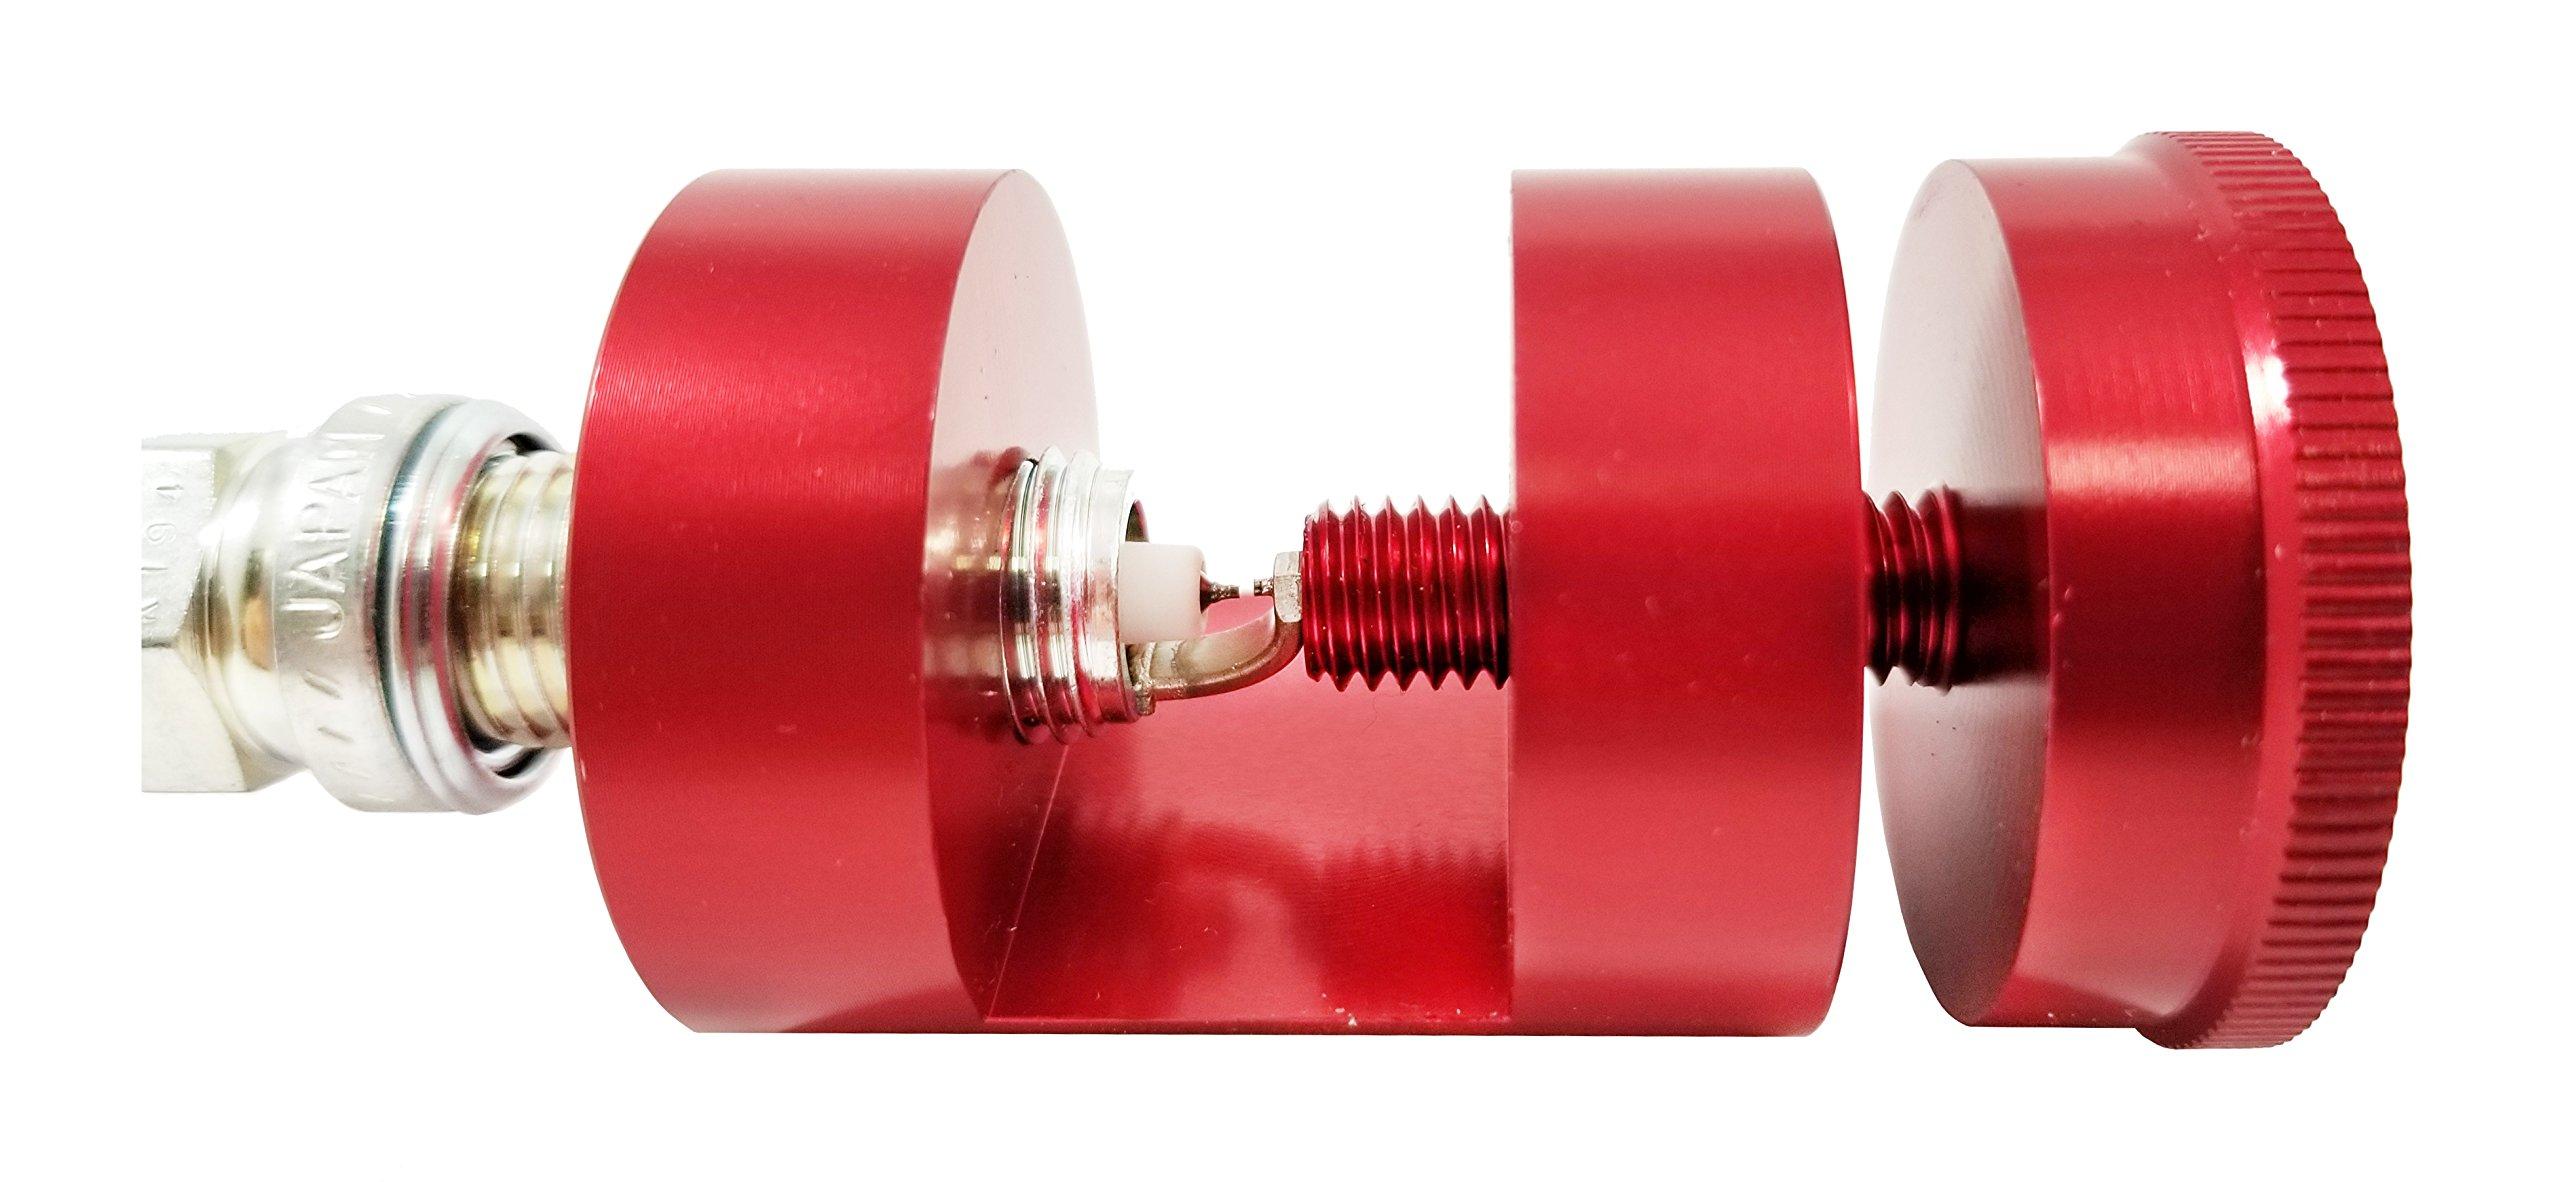 Torque Solution Precision Spark Plug Gap Tool for 12mm Threaded Spark Plugs by Torque Solution (Image #2)